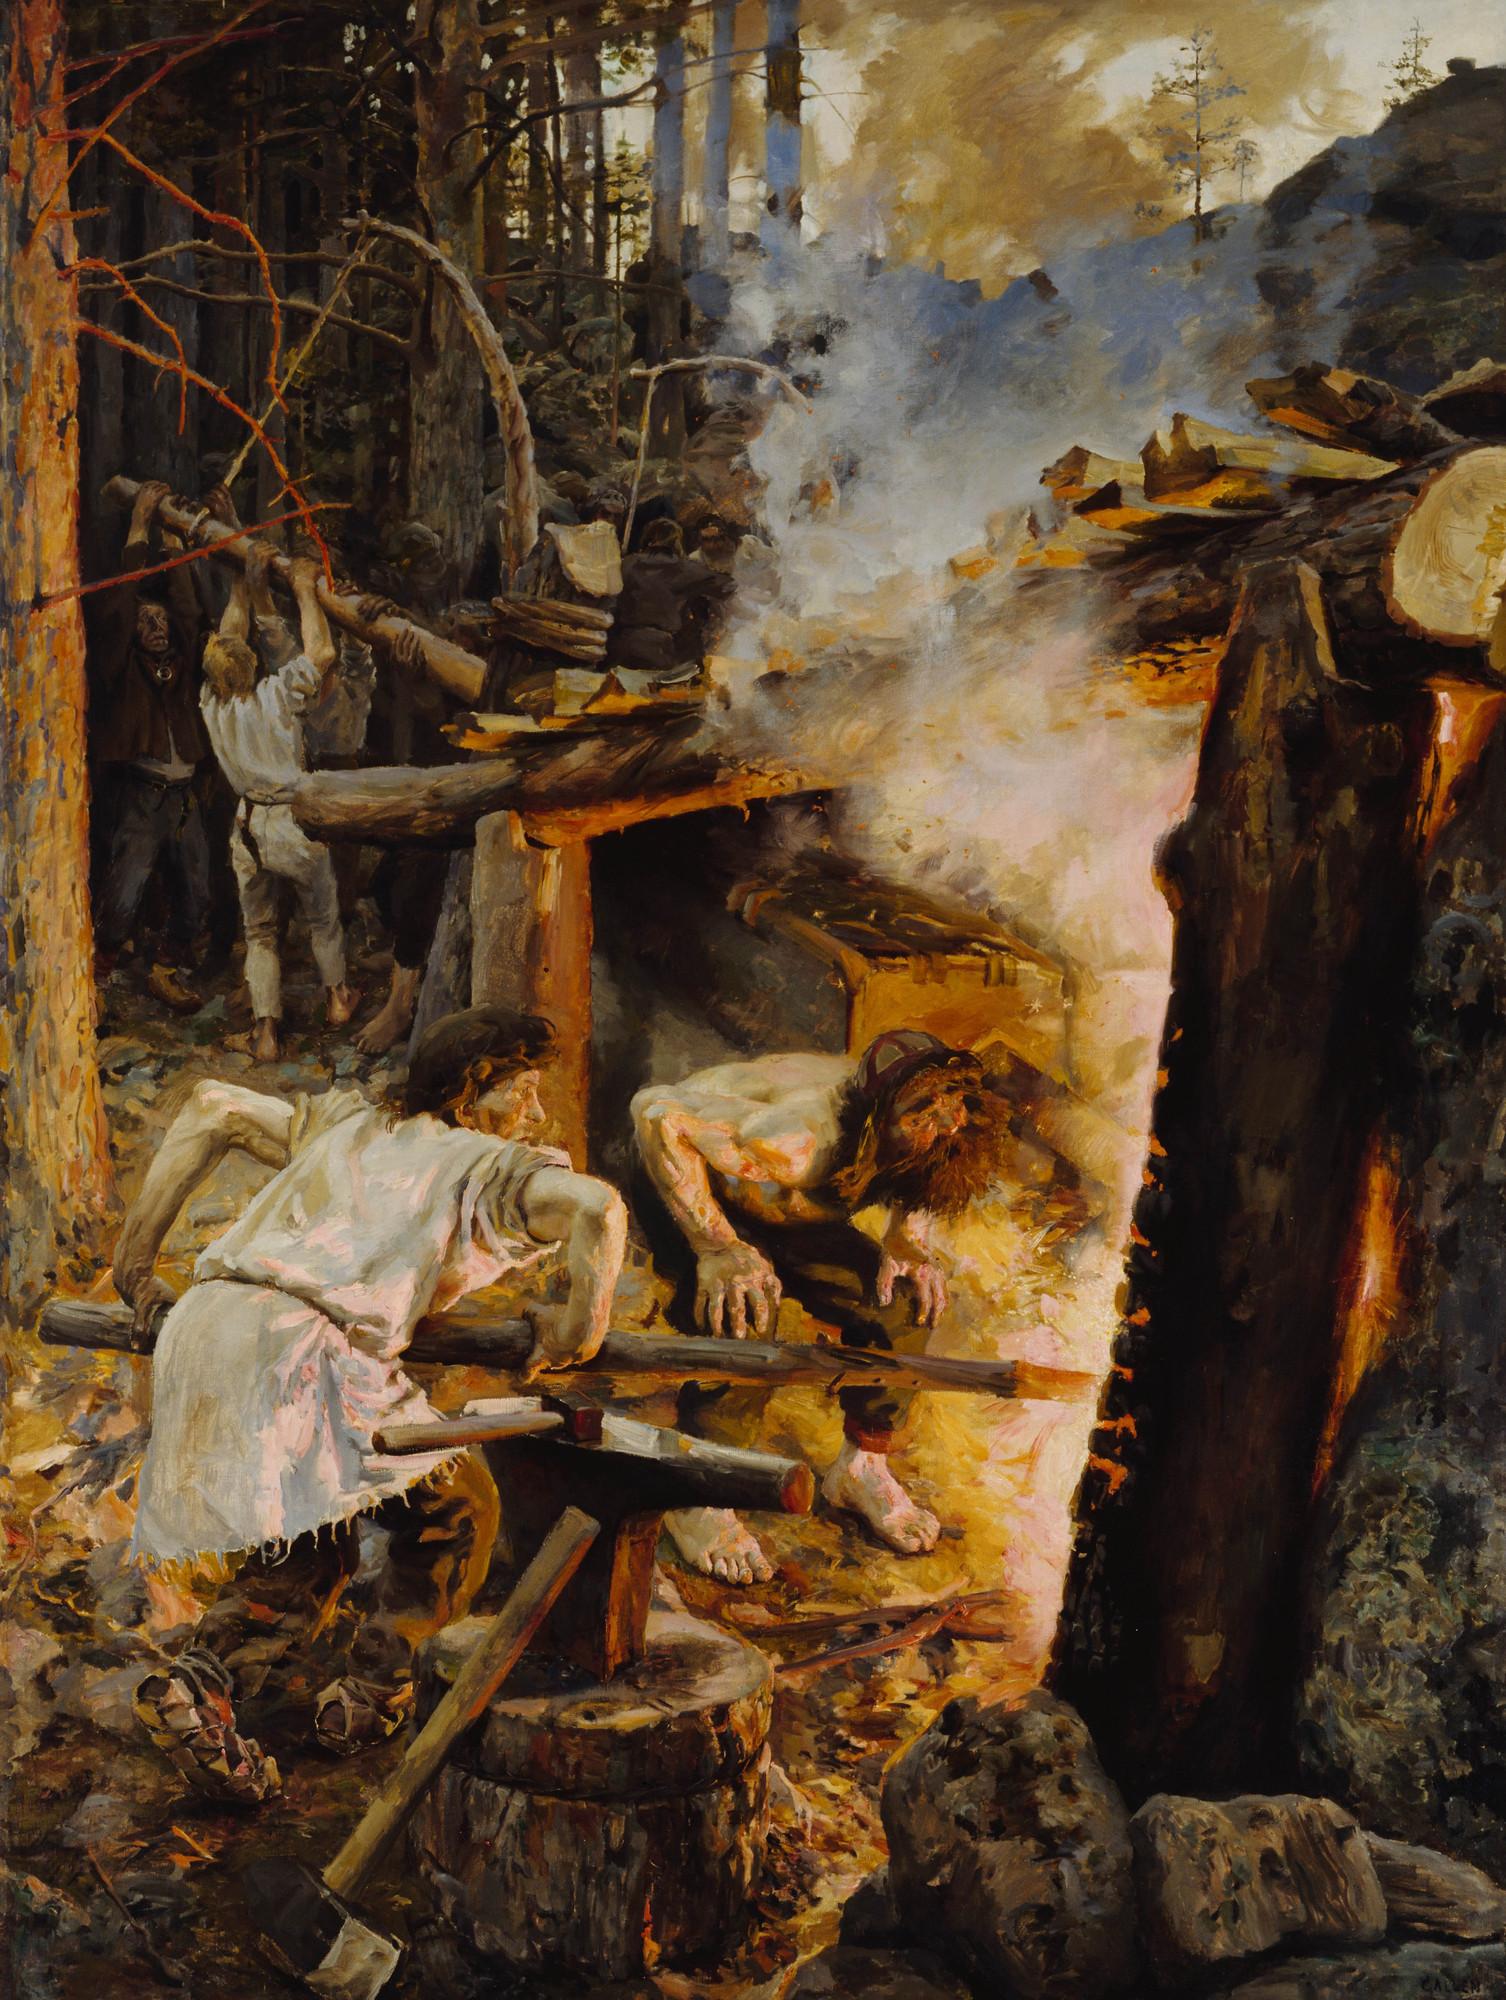 Depiction of Ilmarinen